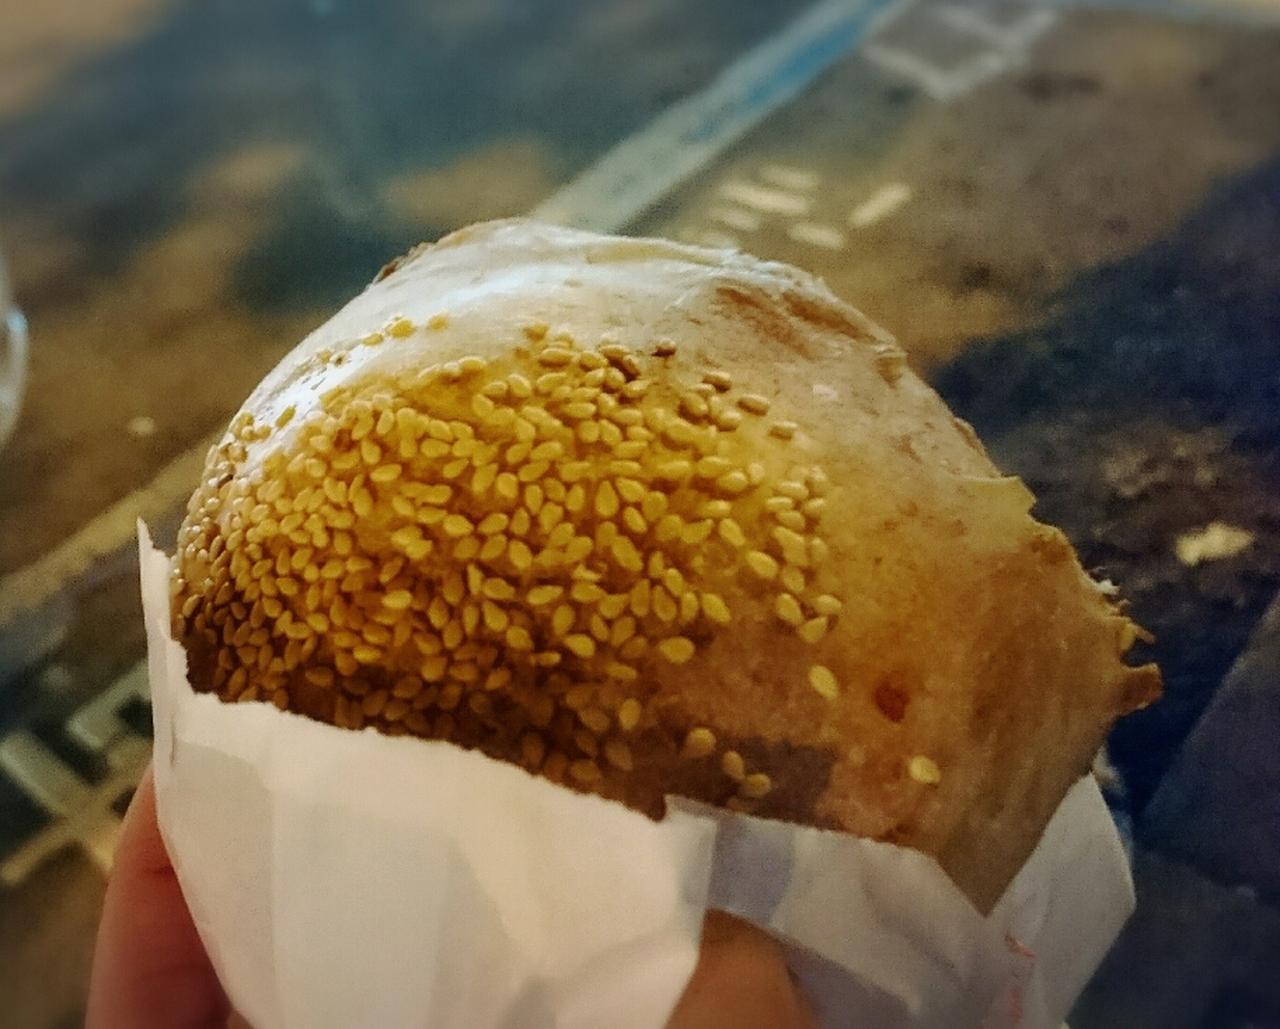 画像: 台湾夜市の屋台グルメでおすすめなのはコレ!胡椒餅はピリ辛の肉餡とカリカリの皮が絶品。是非、お熱いうちに召しあがれ♪(弊社スタッフ撮影2019年6月)